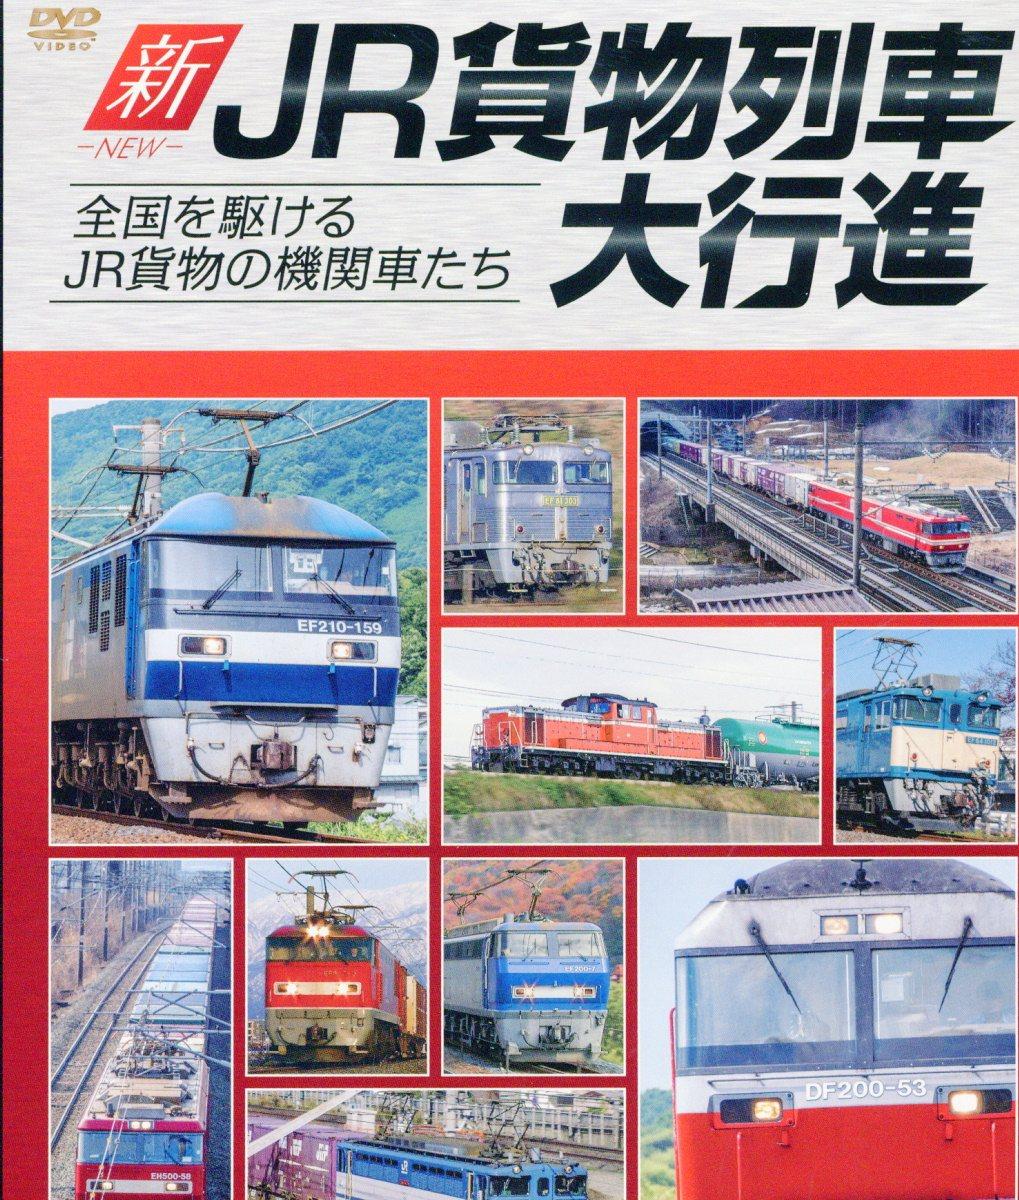 DVD>新JR貨物列車大行進 全国を駆けるJR貨物の機関車たち (<DVD>)